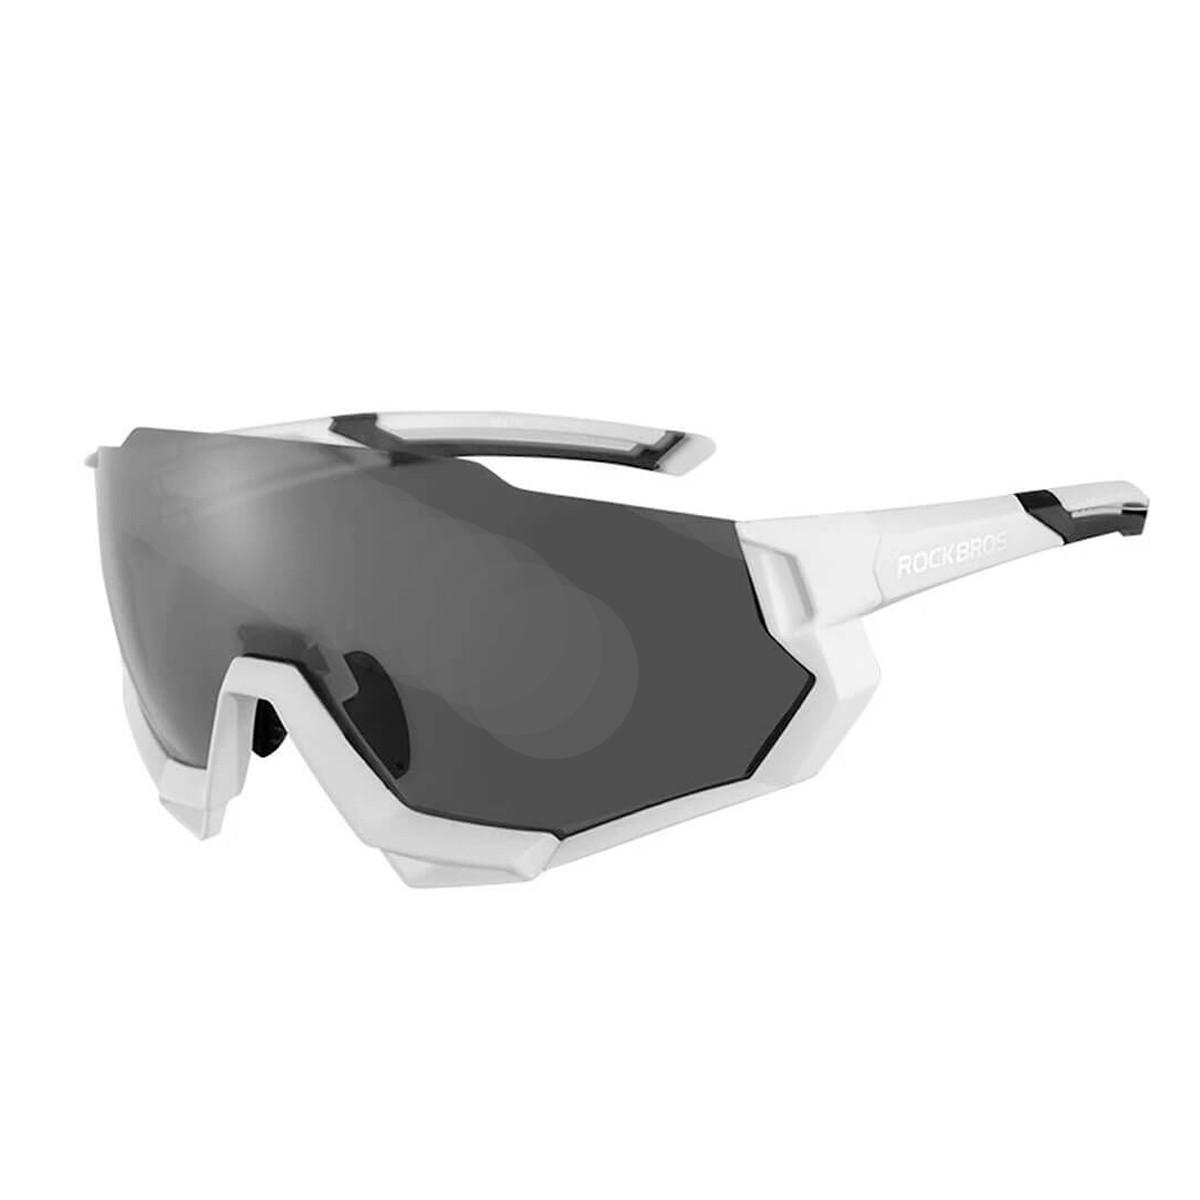 Óculos Mtb Speed Ciclismo Rockbros SP176 Uv400 - 5 Lentes Branco